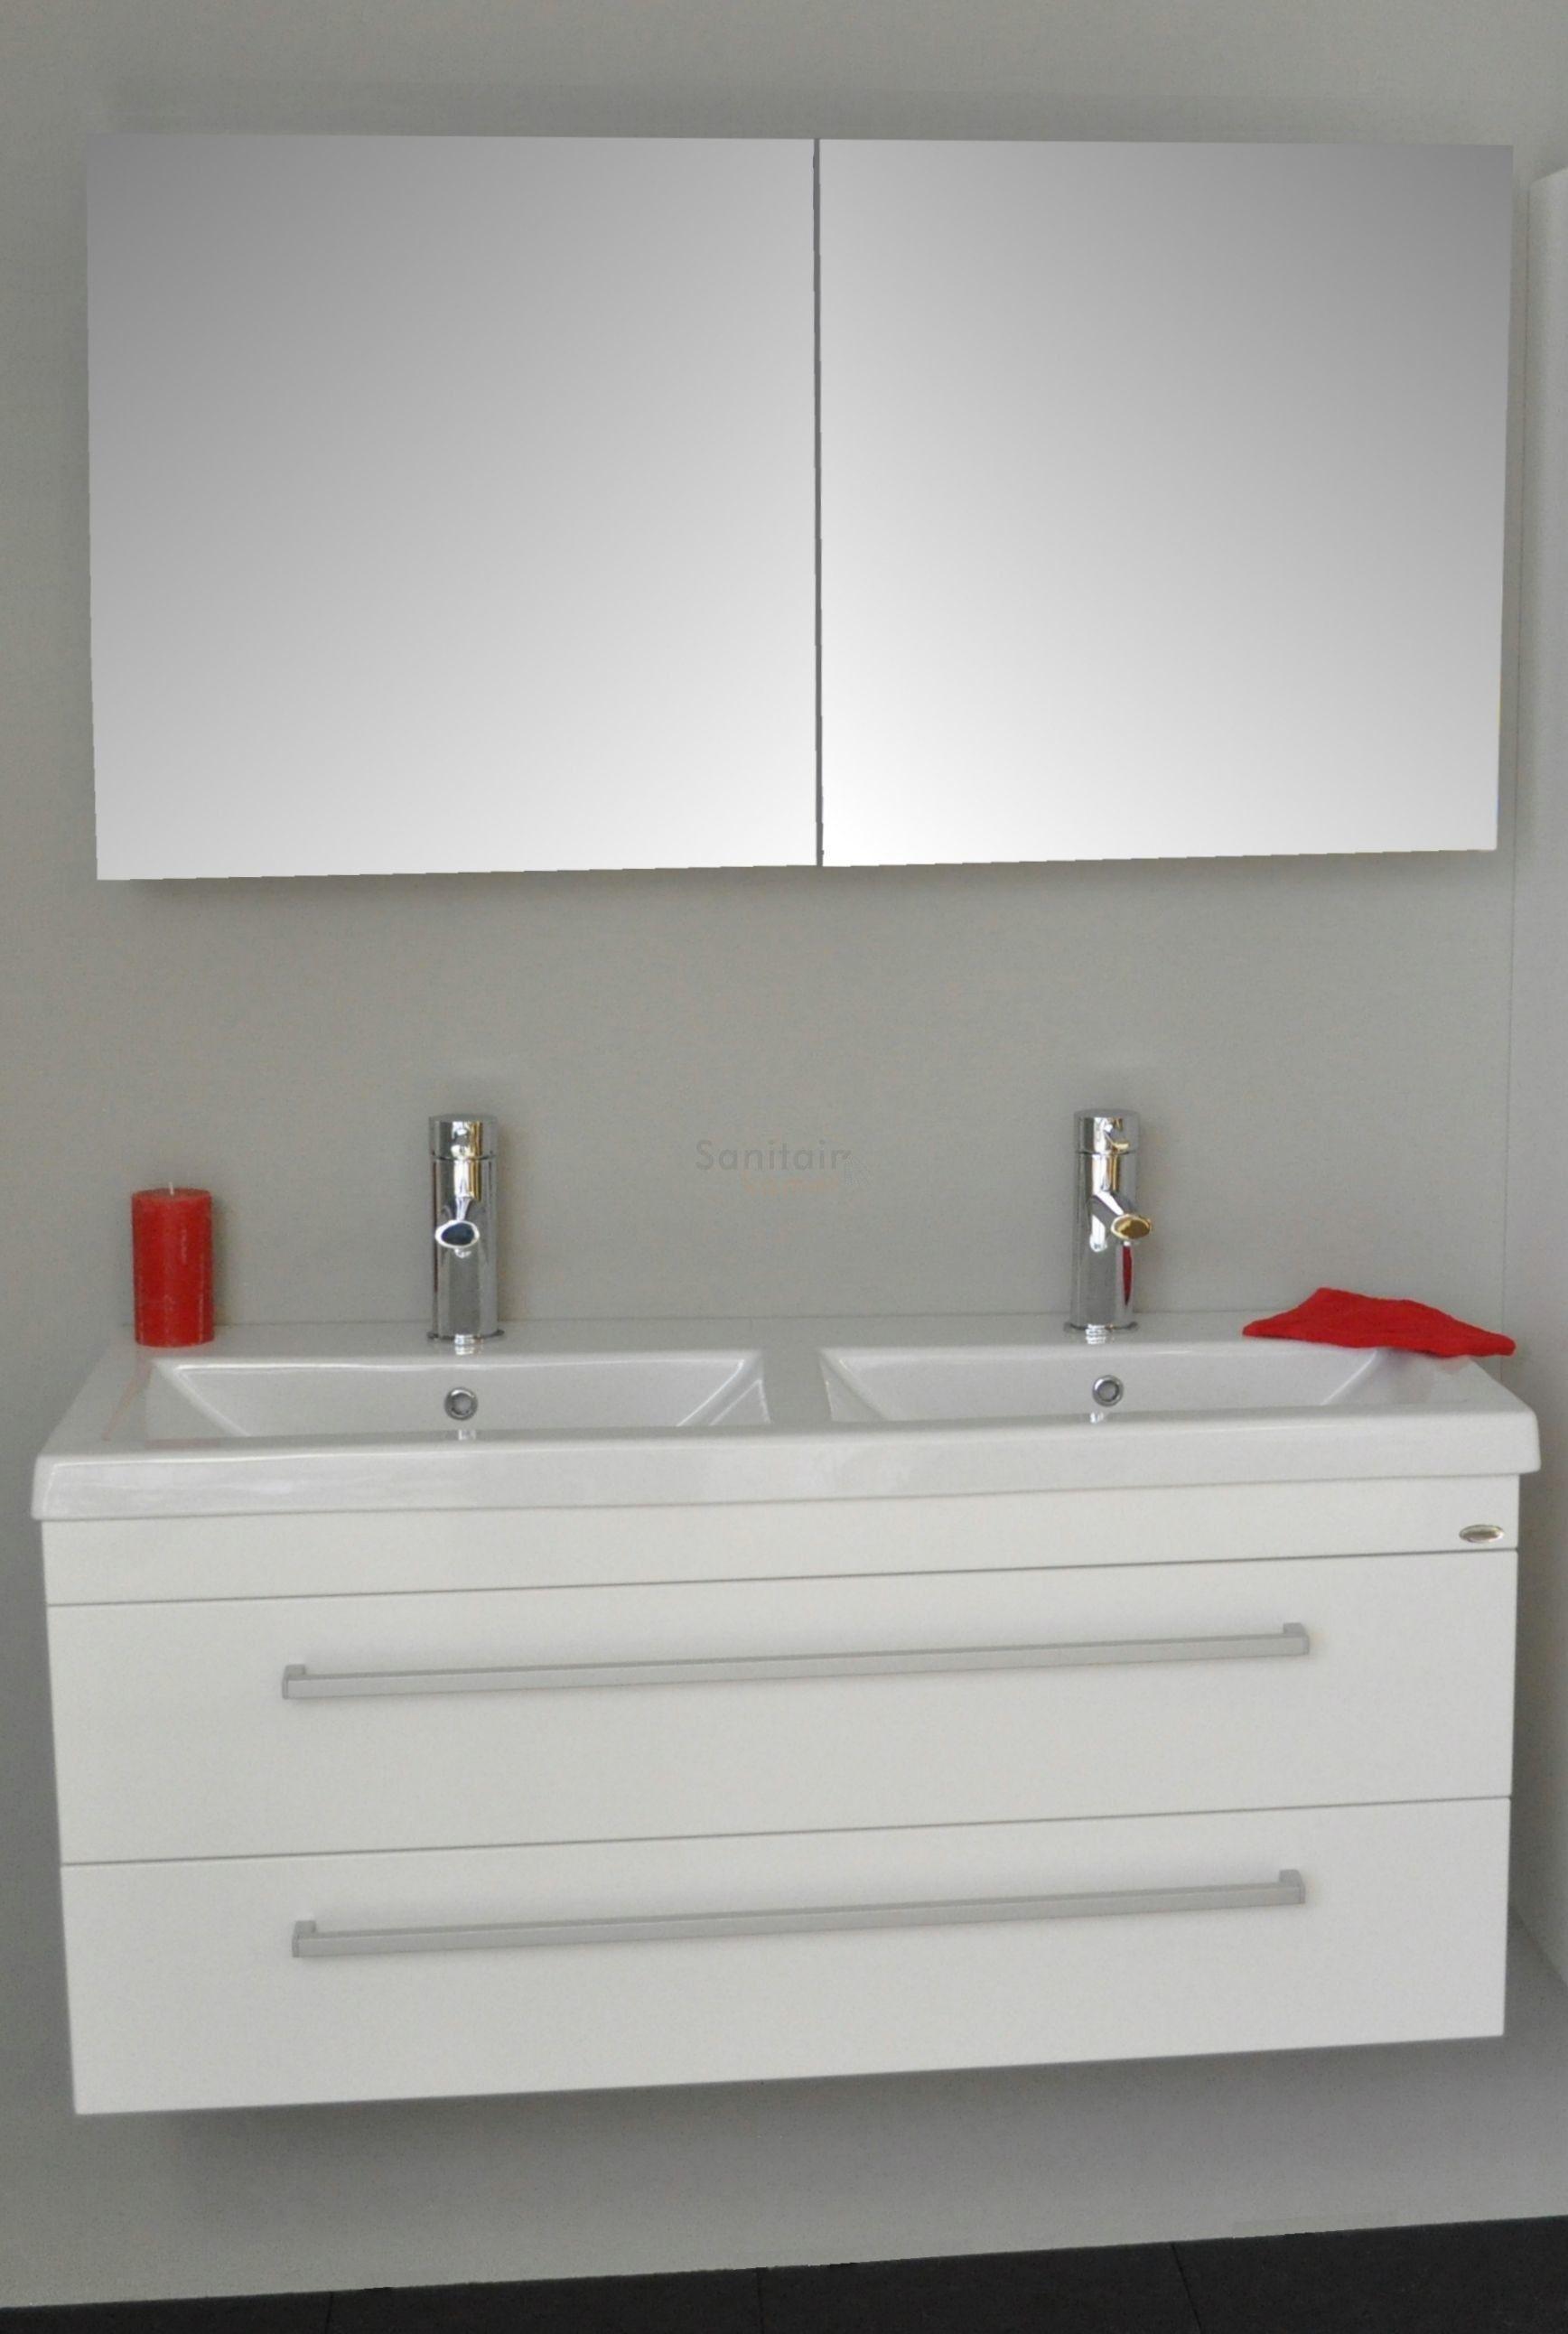 sanicare badmeubel q1 hoogglans wit 120 cm met spiegelkast